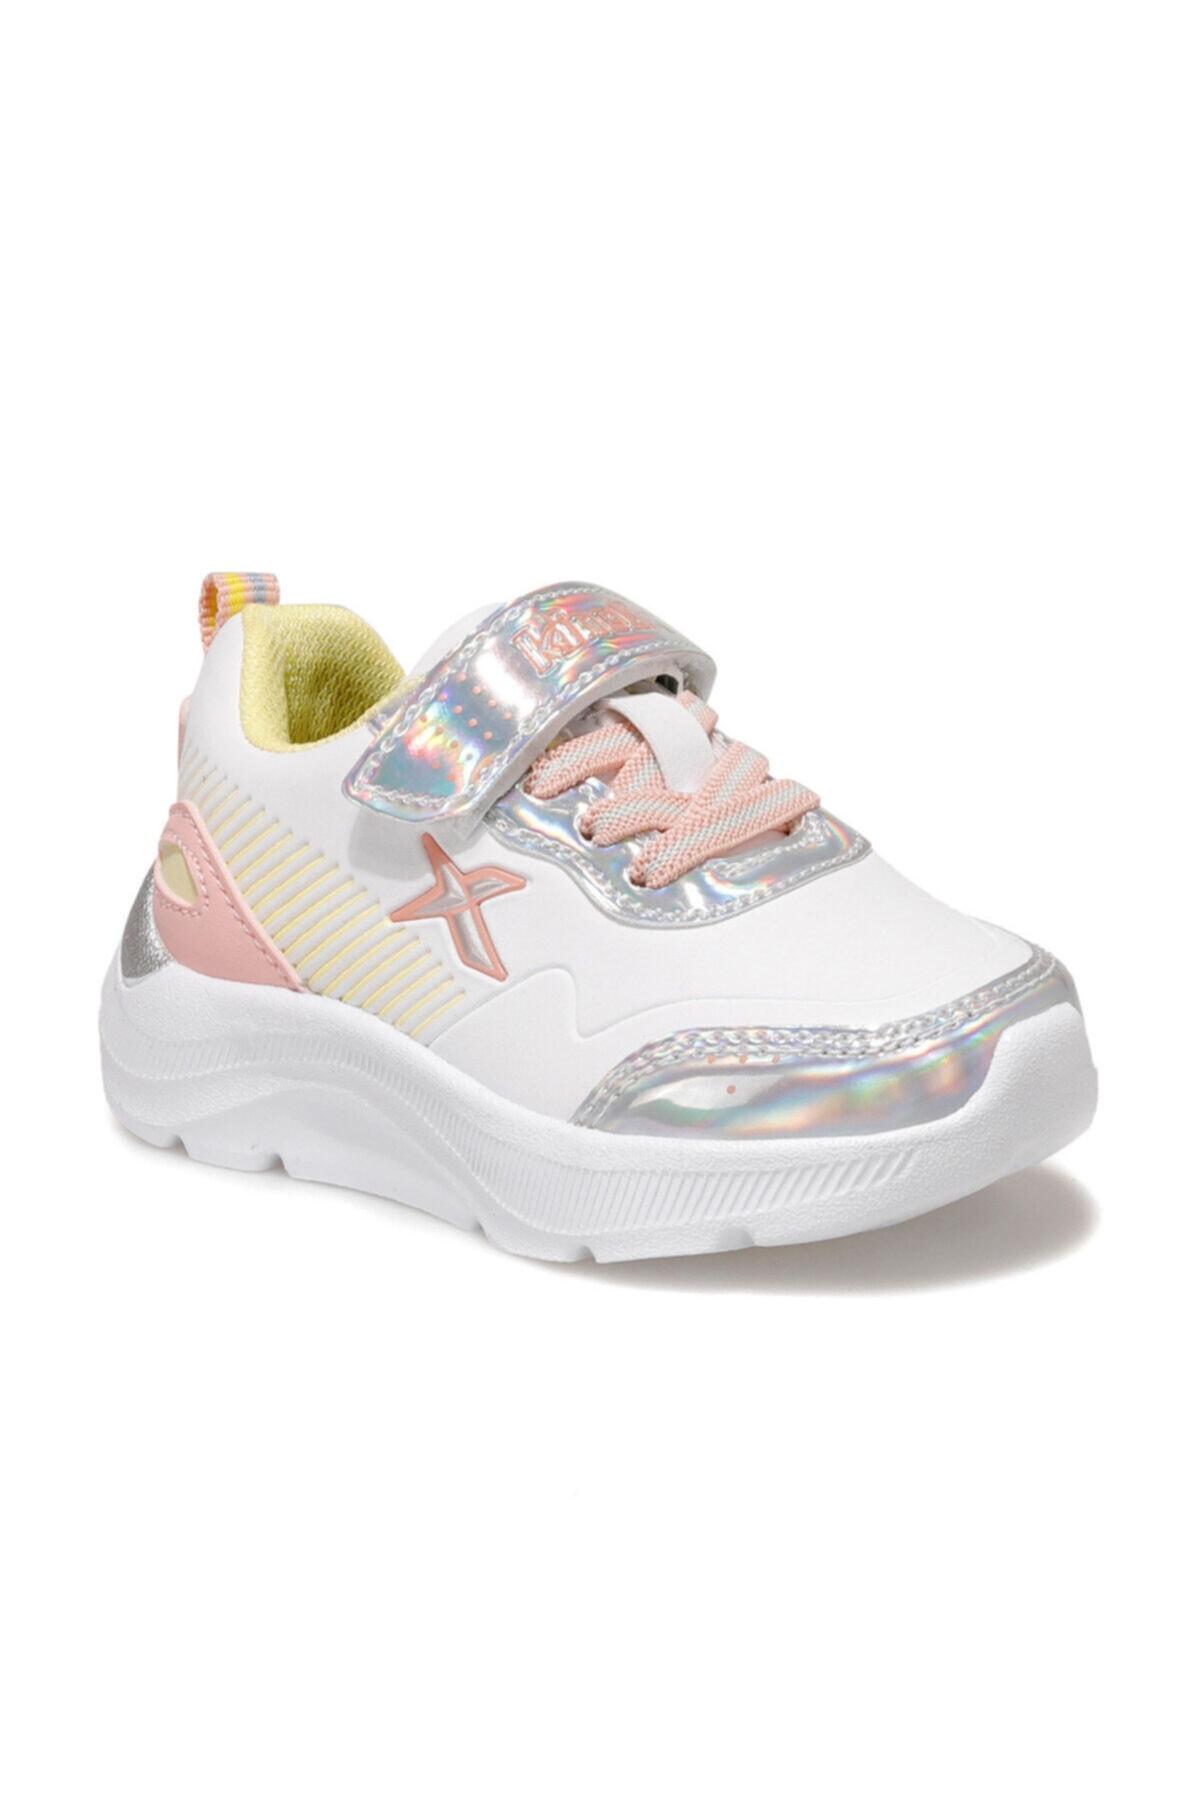 Kinetix ROARS Beyaz Kız Çocuk Yürüyüş Ayakkabısı 100534418 1